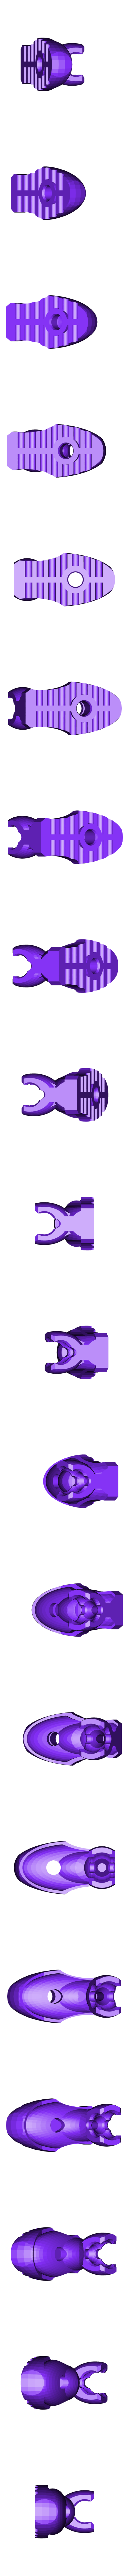 object14.stl Télécharger fichier STL gratuit Gorilla Jet Flight Ares • Design imprimable en 3D, Pwenyrr